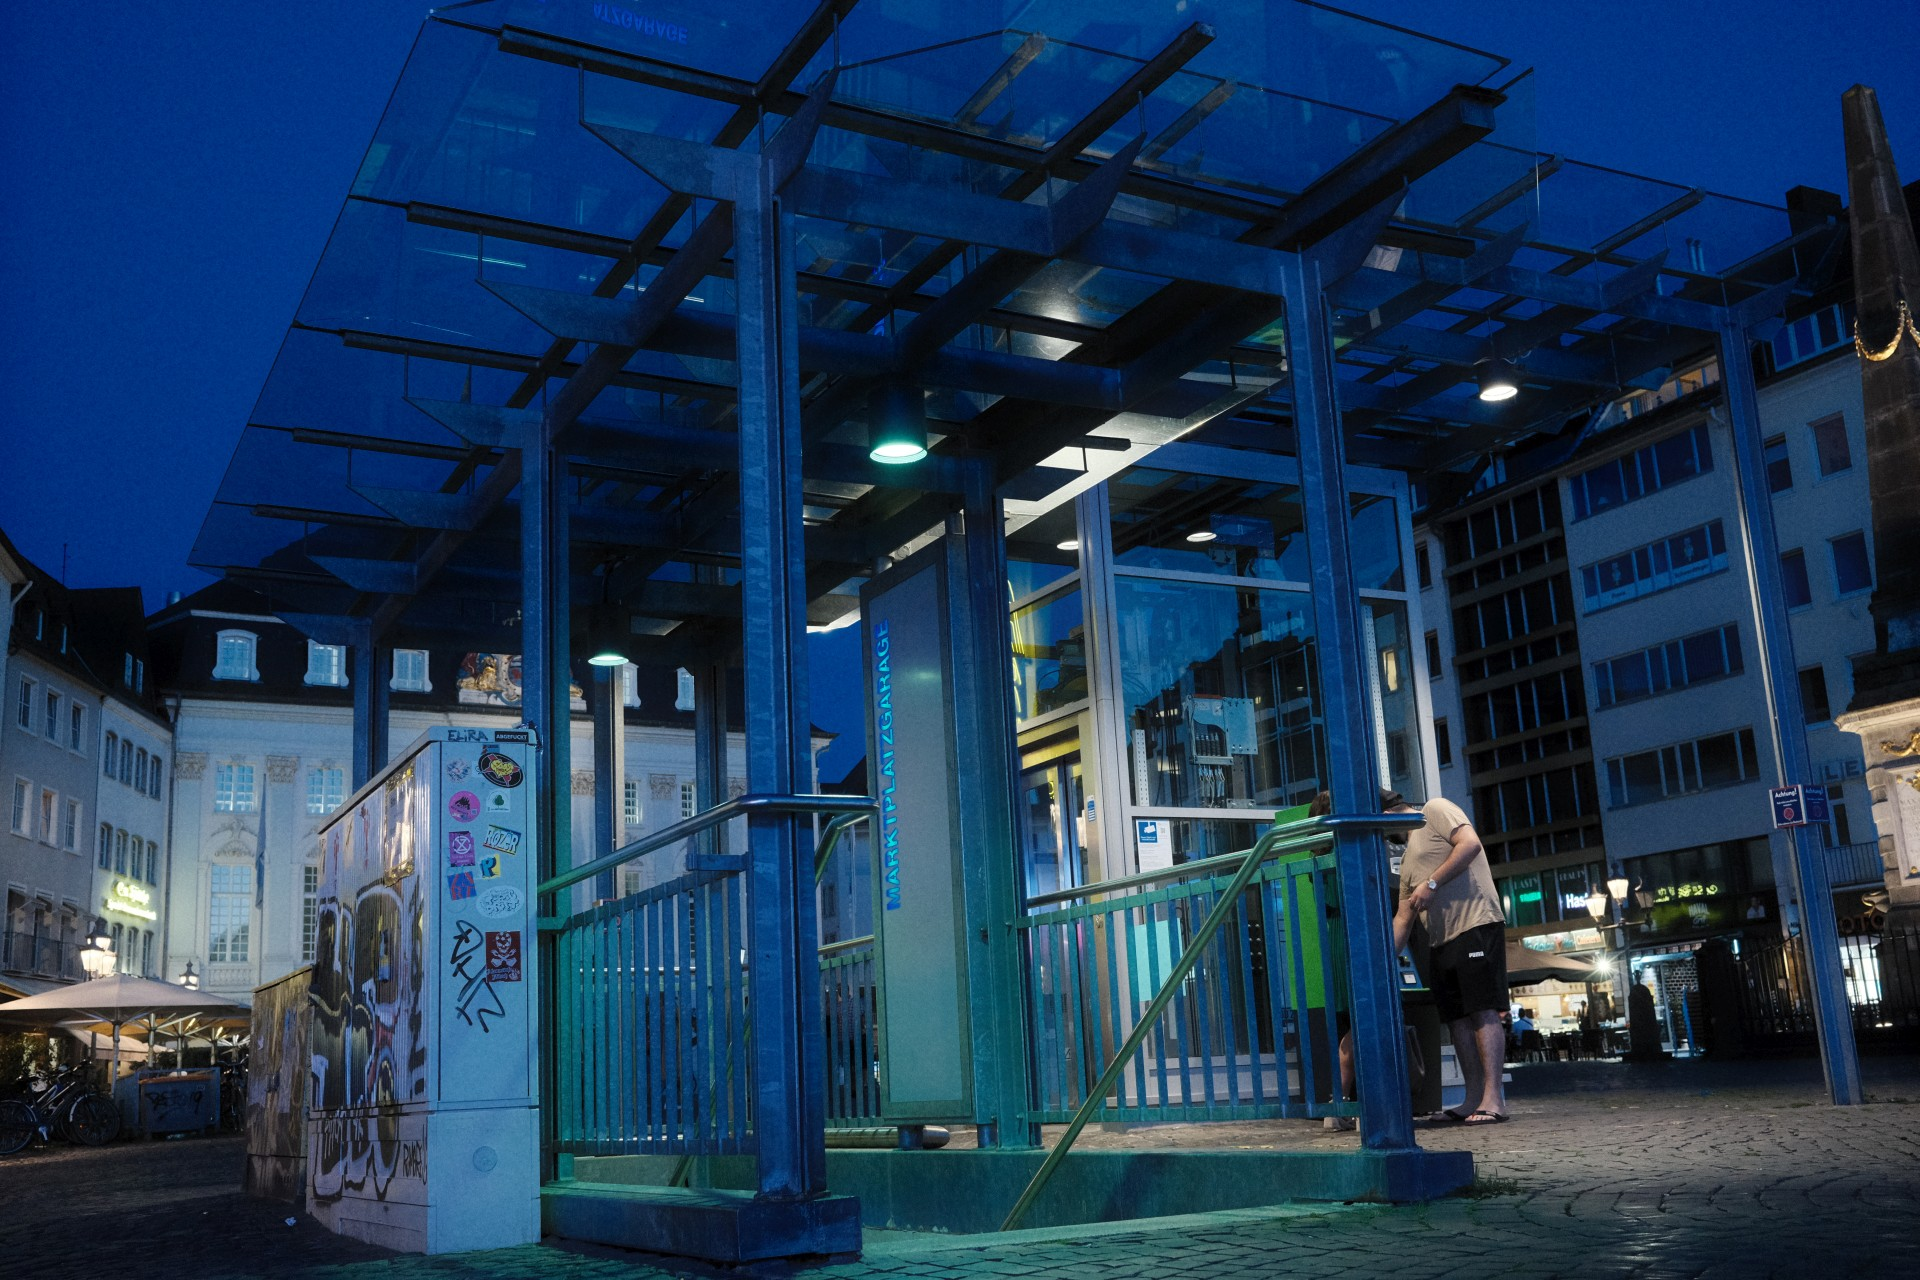 Markt Tiefgarageneingang f/4 1/58sec ISO-6400 23mm